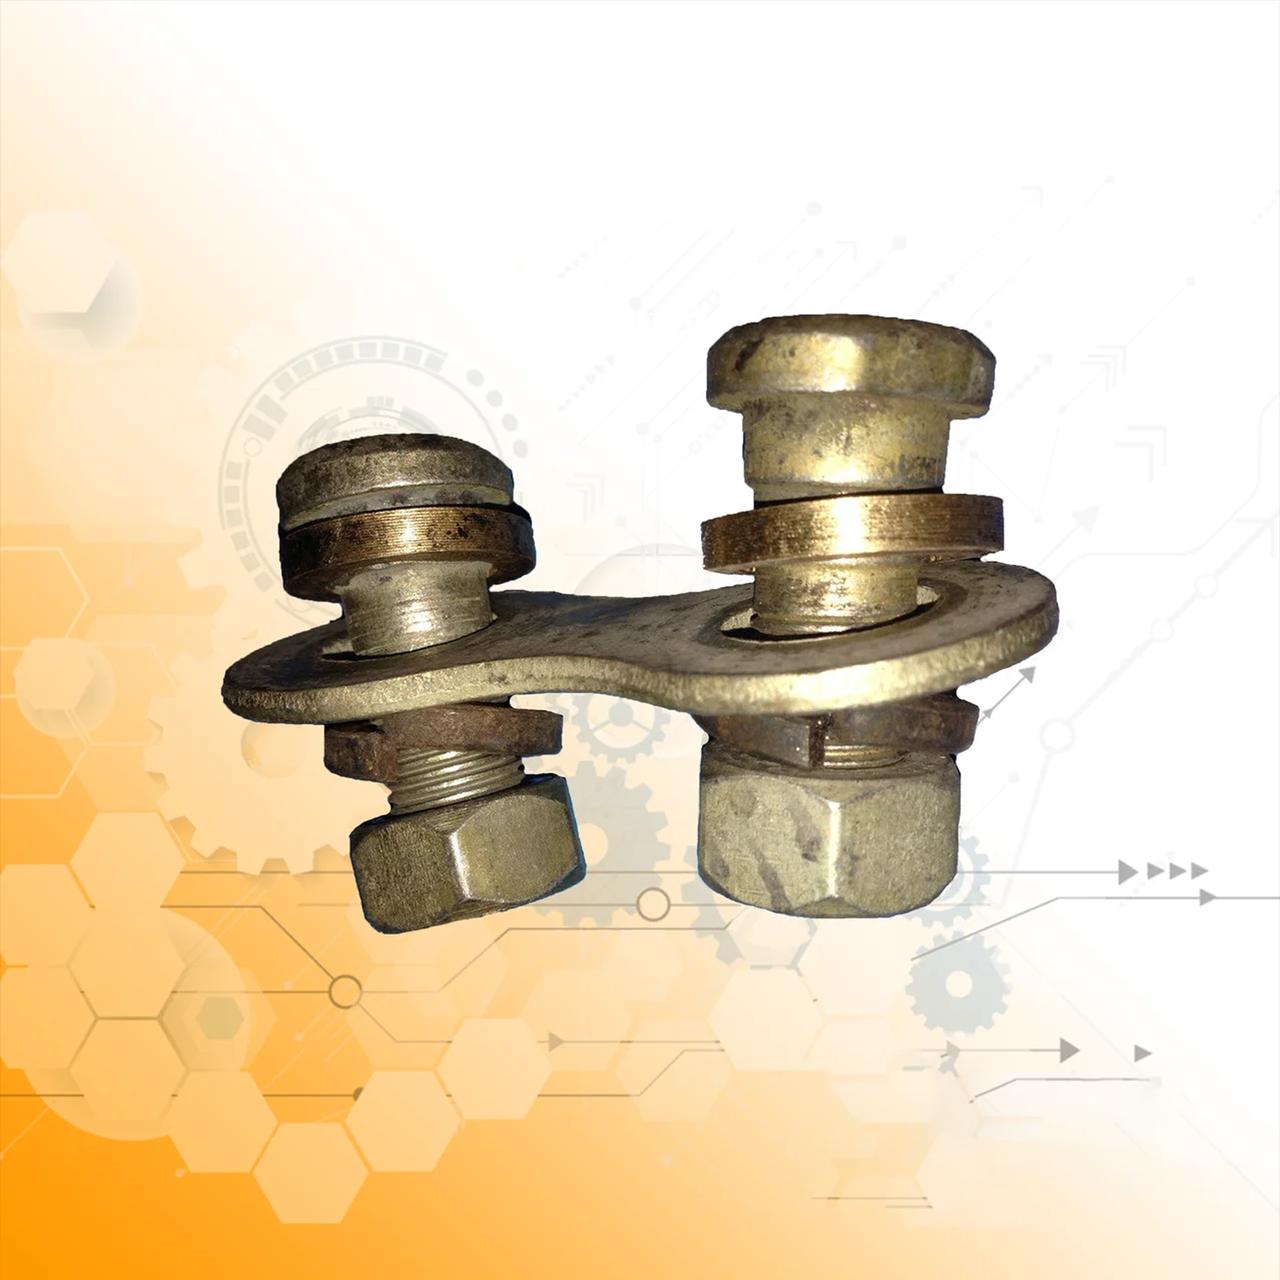 Ексцентрик гальмівних колодок ГАЗ-53 / 52-3501028-01